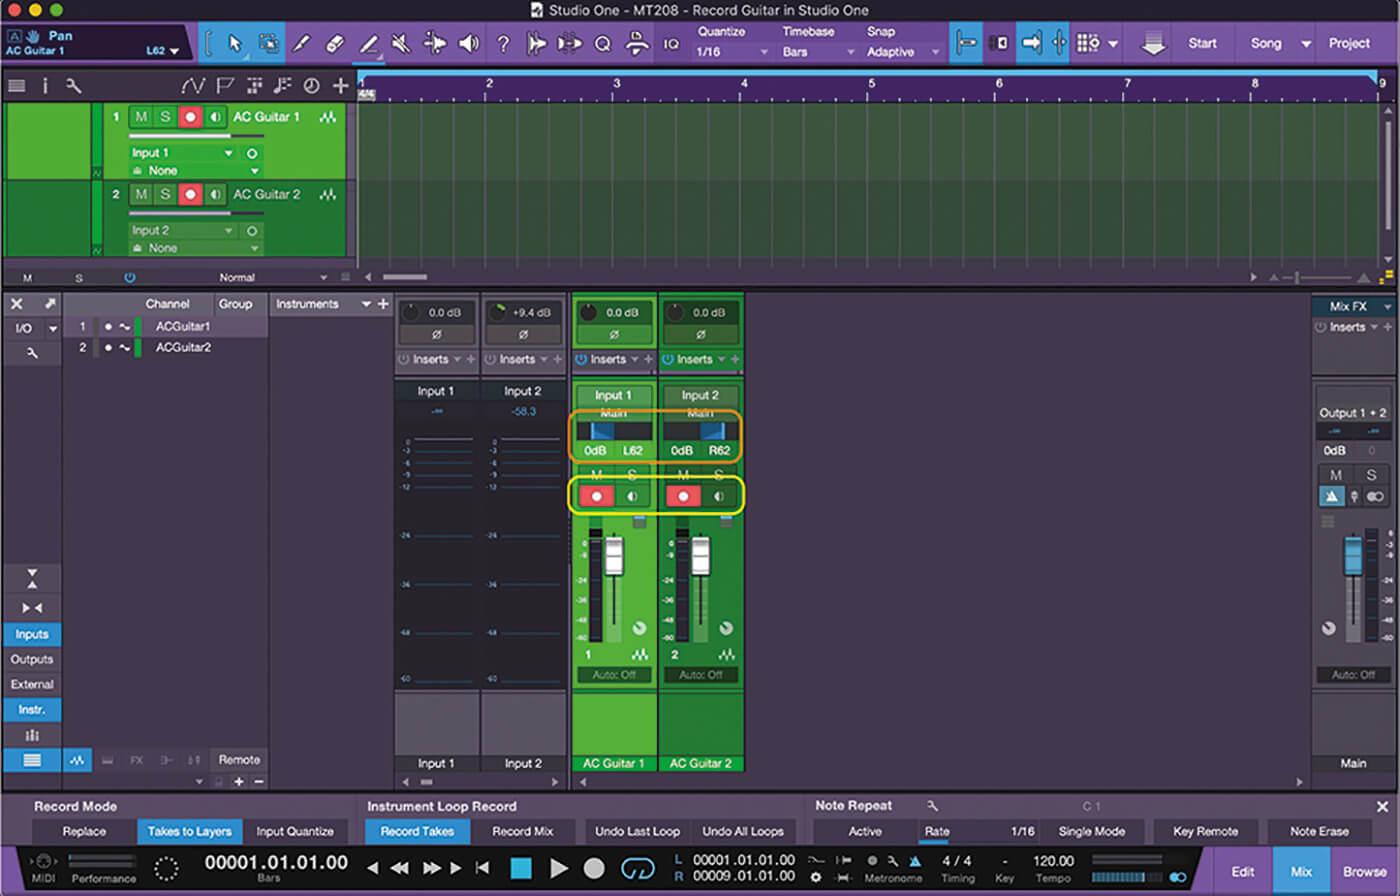 Recording Guitars In Studio One 4